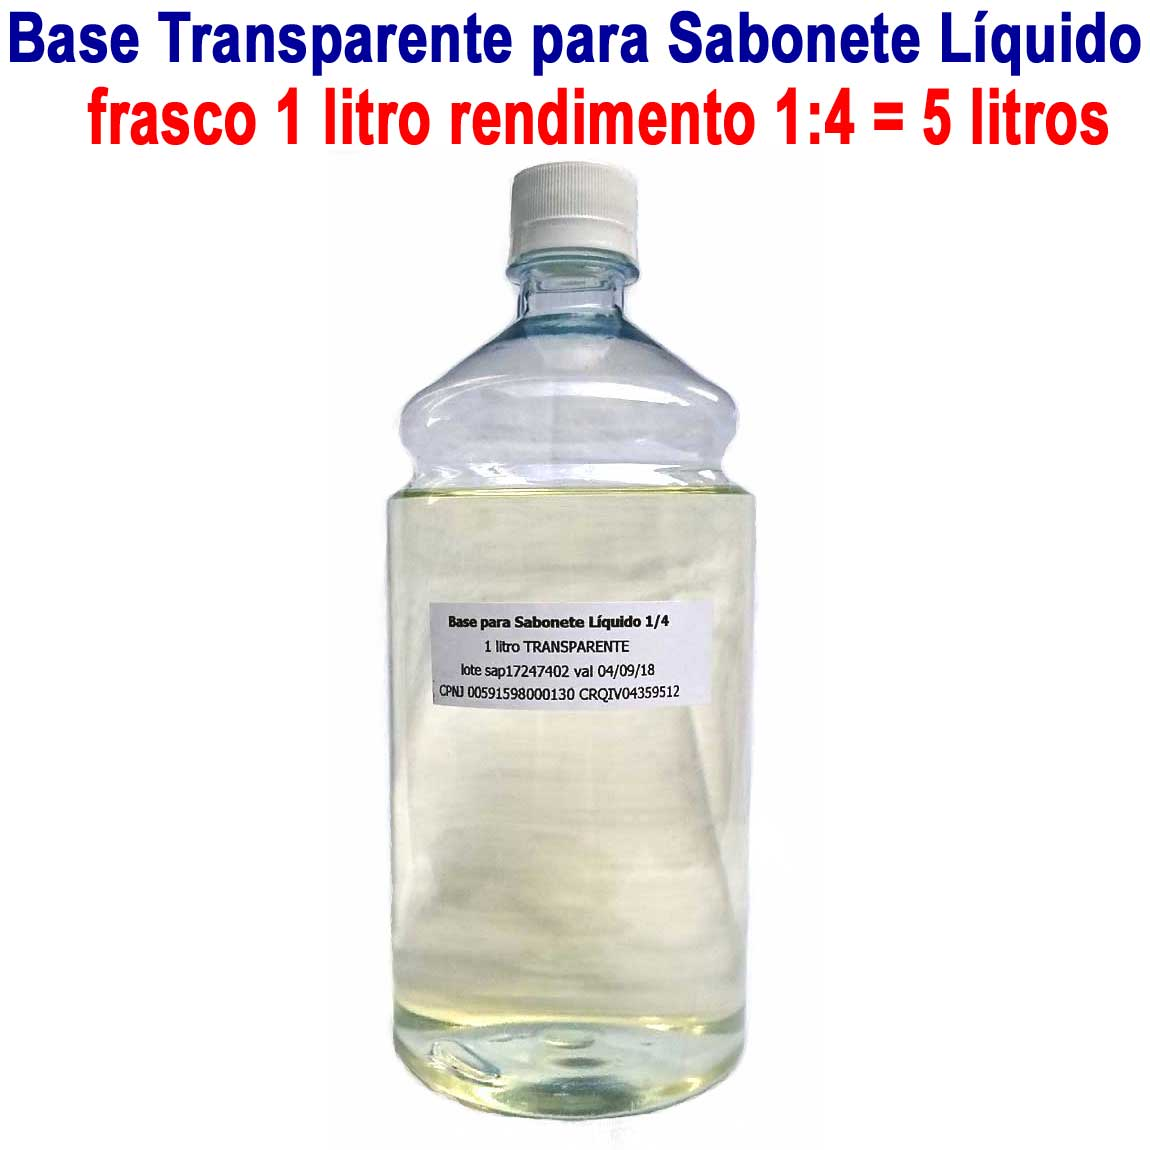 Base para Sabonete Líquido 1:4 SUPER CONCENTRADO (500ml e 1 litro)  - Momento da Arte